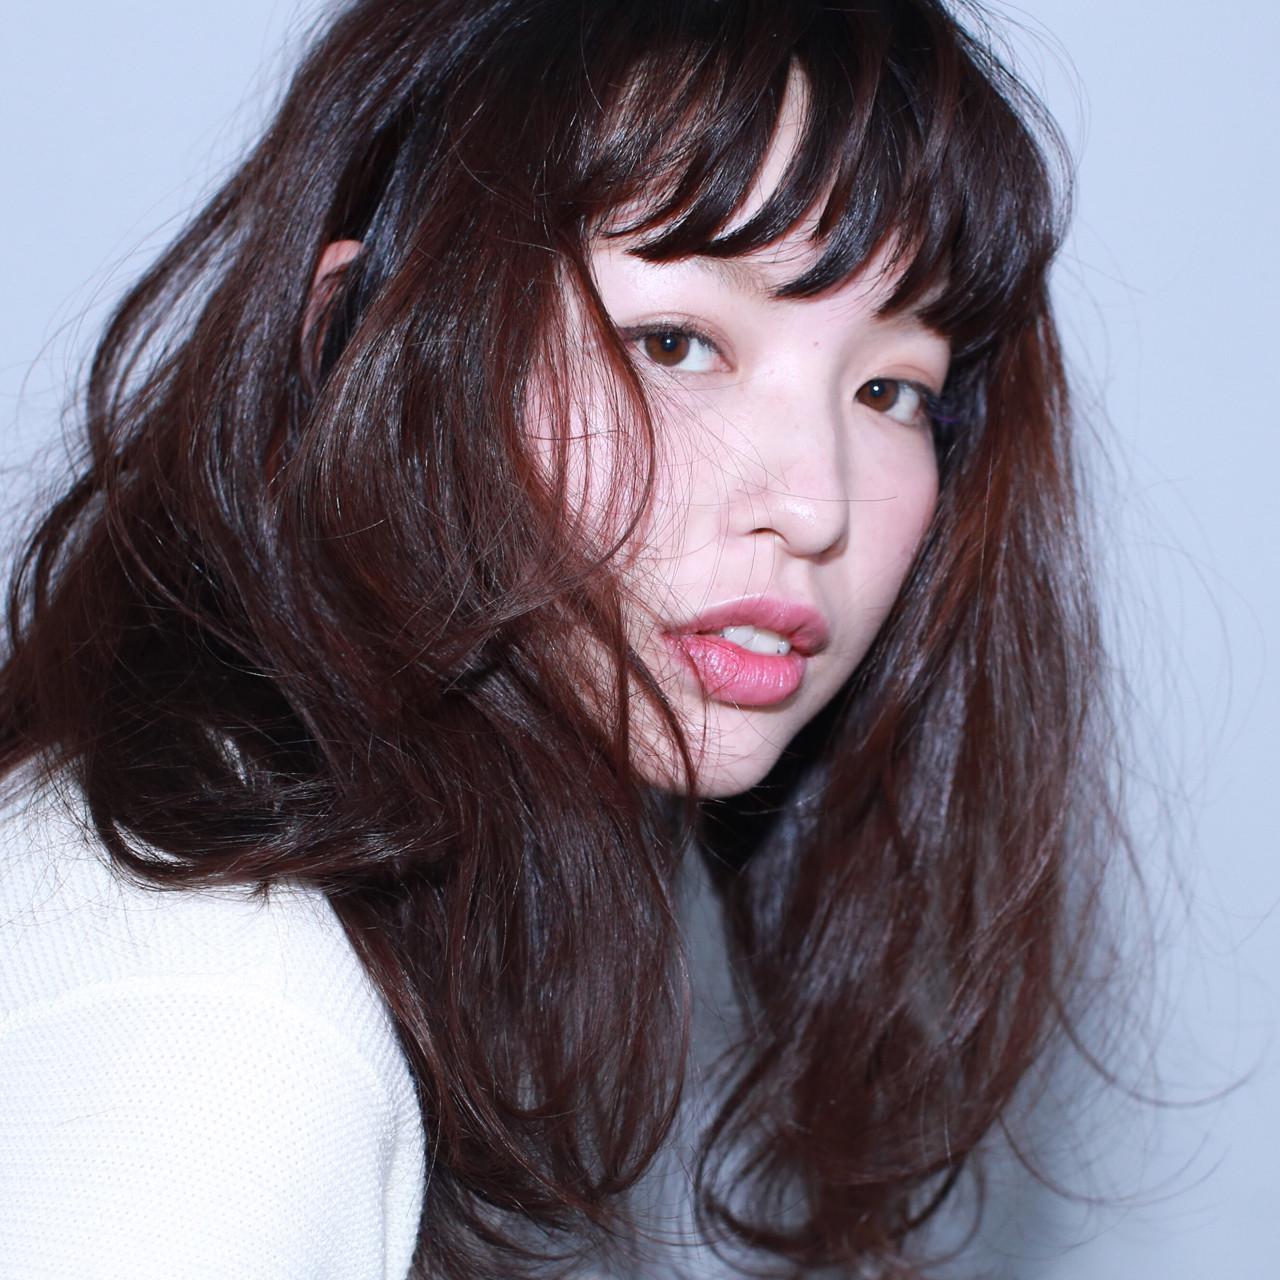 ブラウン ナチュラル セミロング 黒髪 ヘアスタイルや髪型の写真・画像 | イマムラ スナオ / LUKE